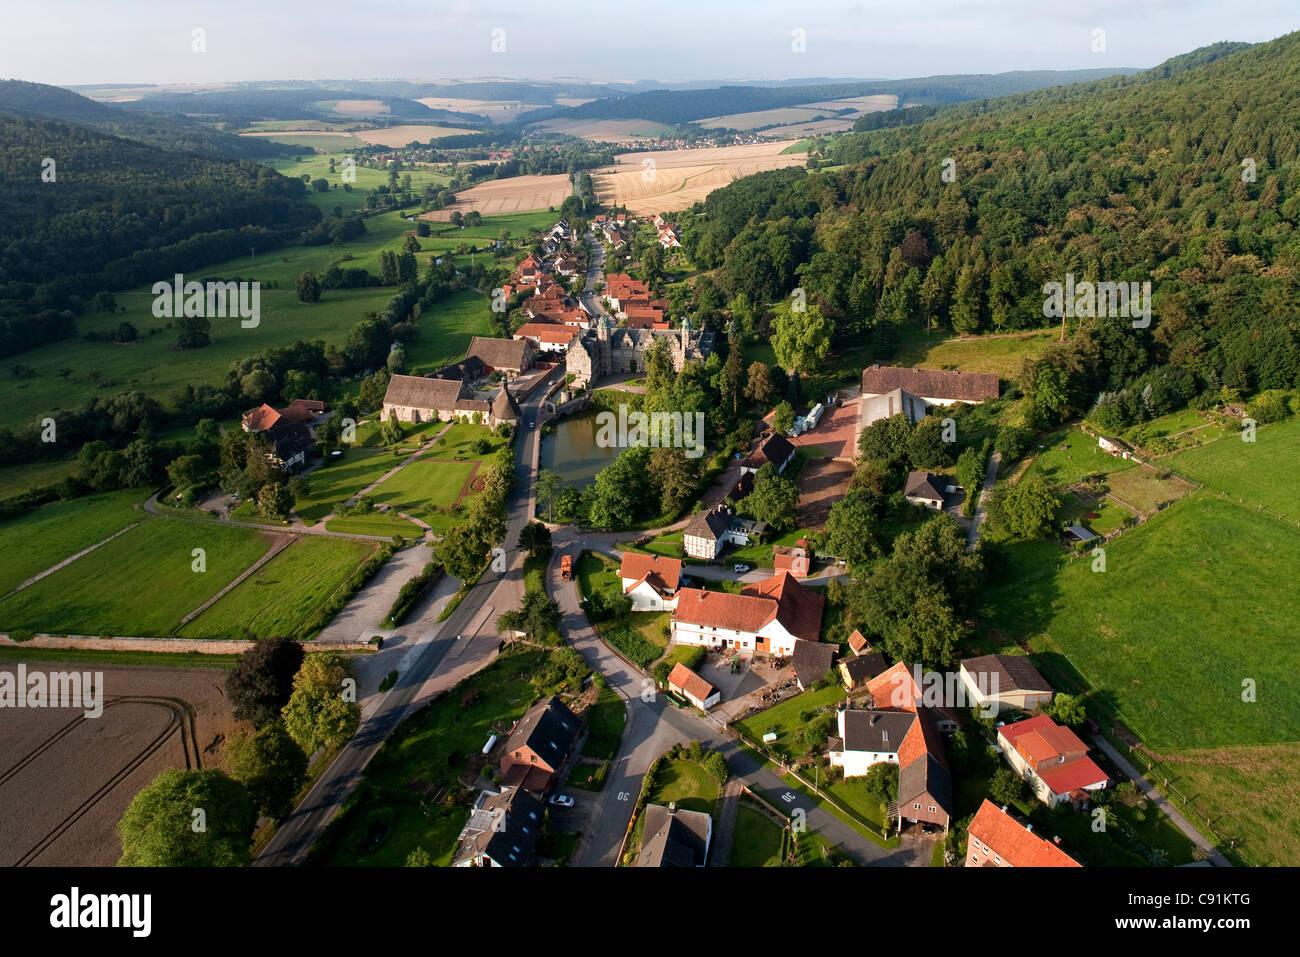 Vue aérienne du château en Haemelschenburg Emmerthal, Hamelin-pyrmont, Basse-Saxe, Allemagne Banque D'Images